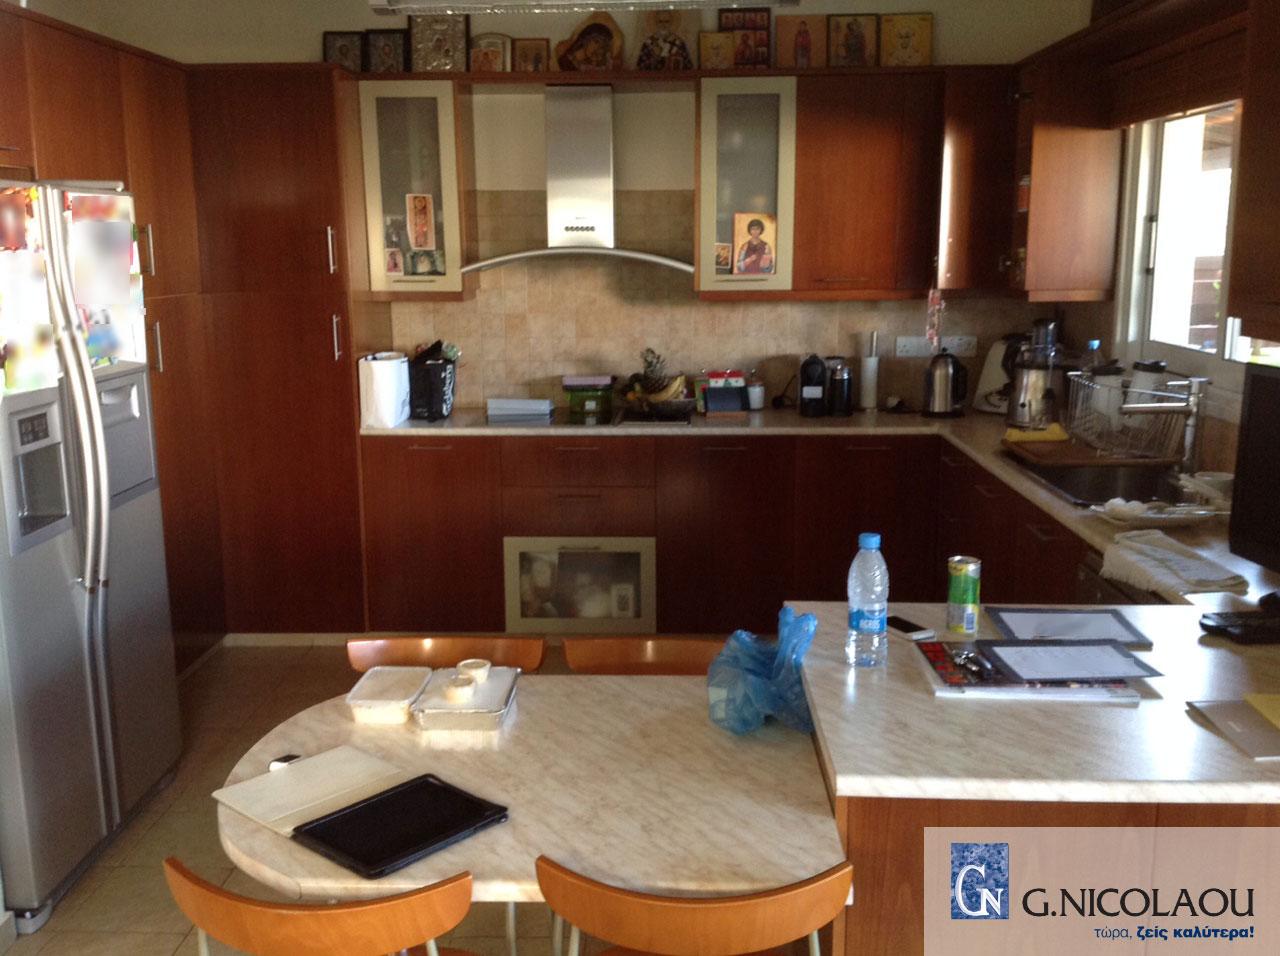 Κουζίνα πριν την ανακαίνιση